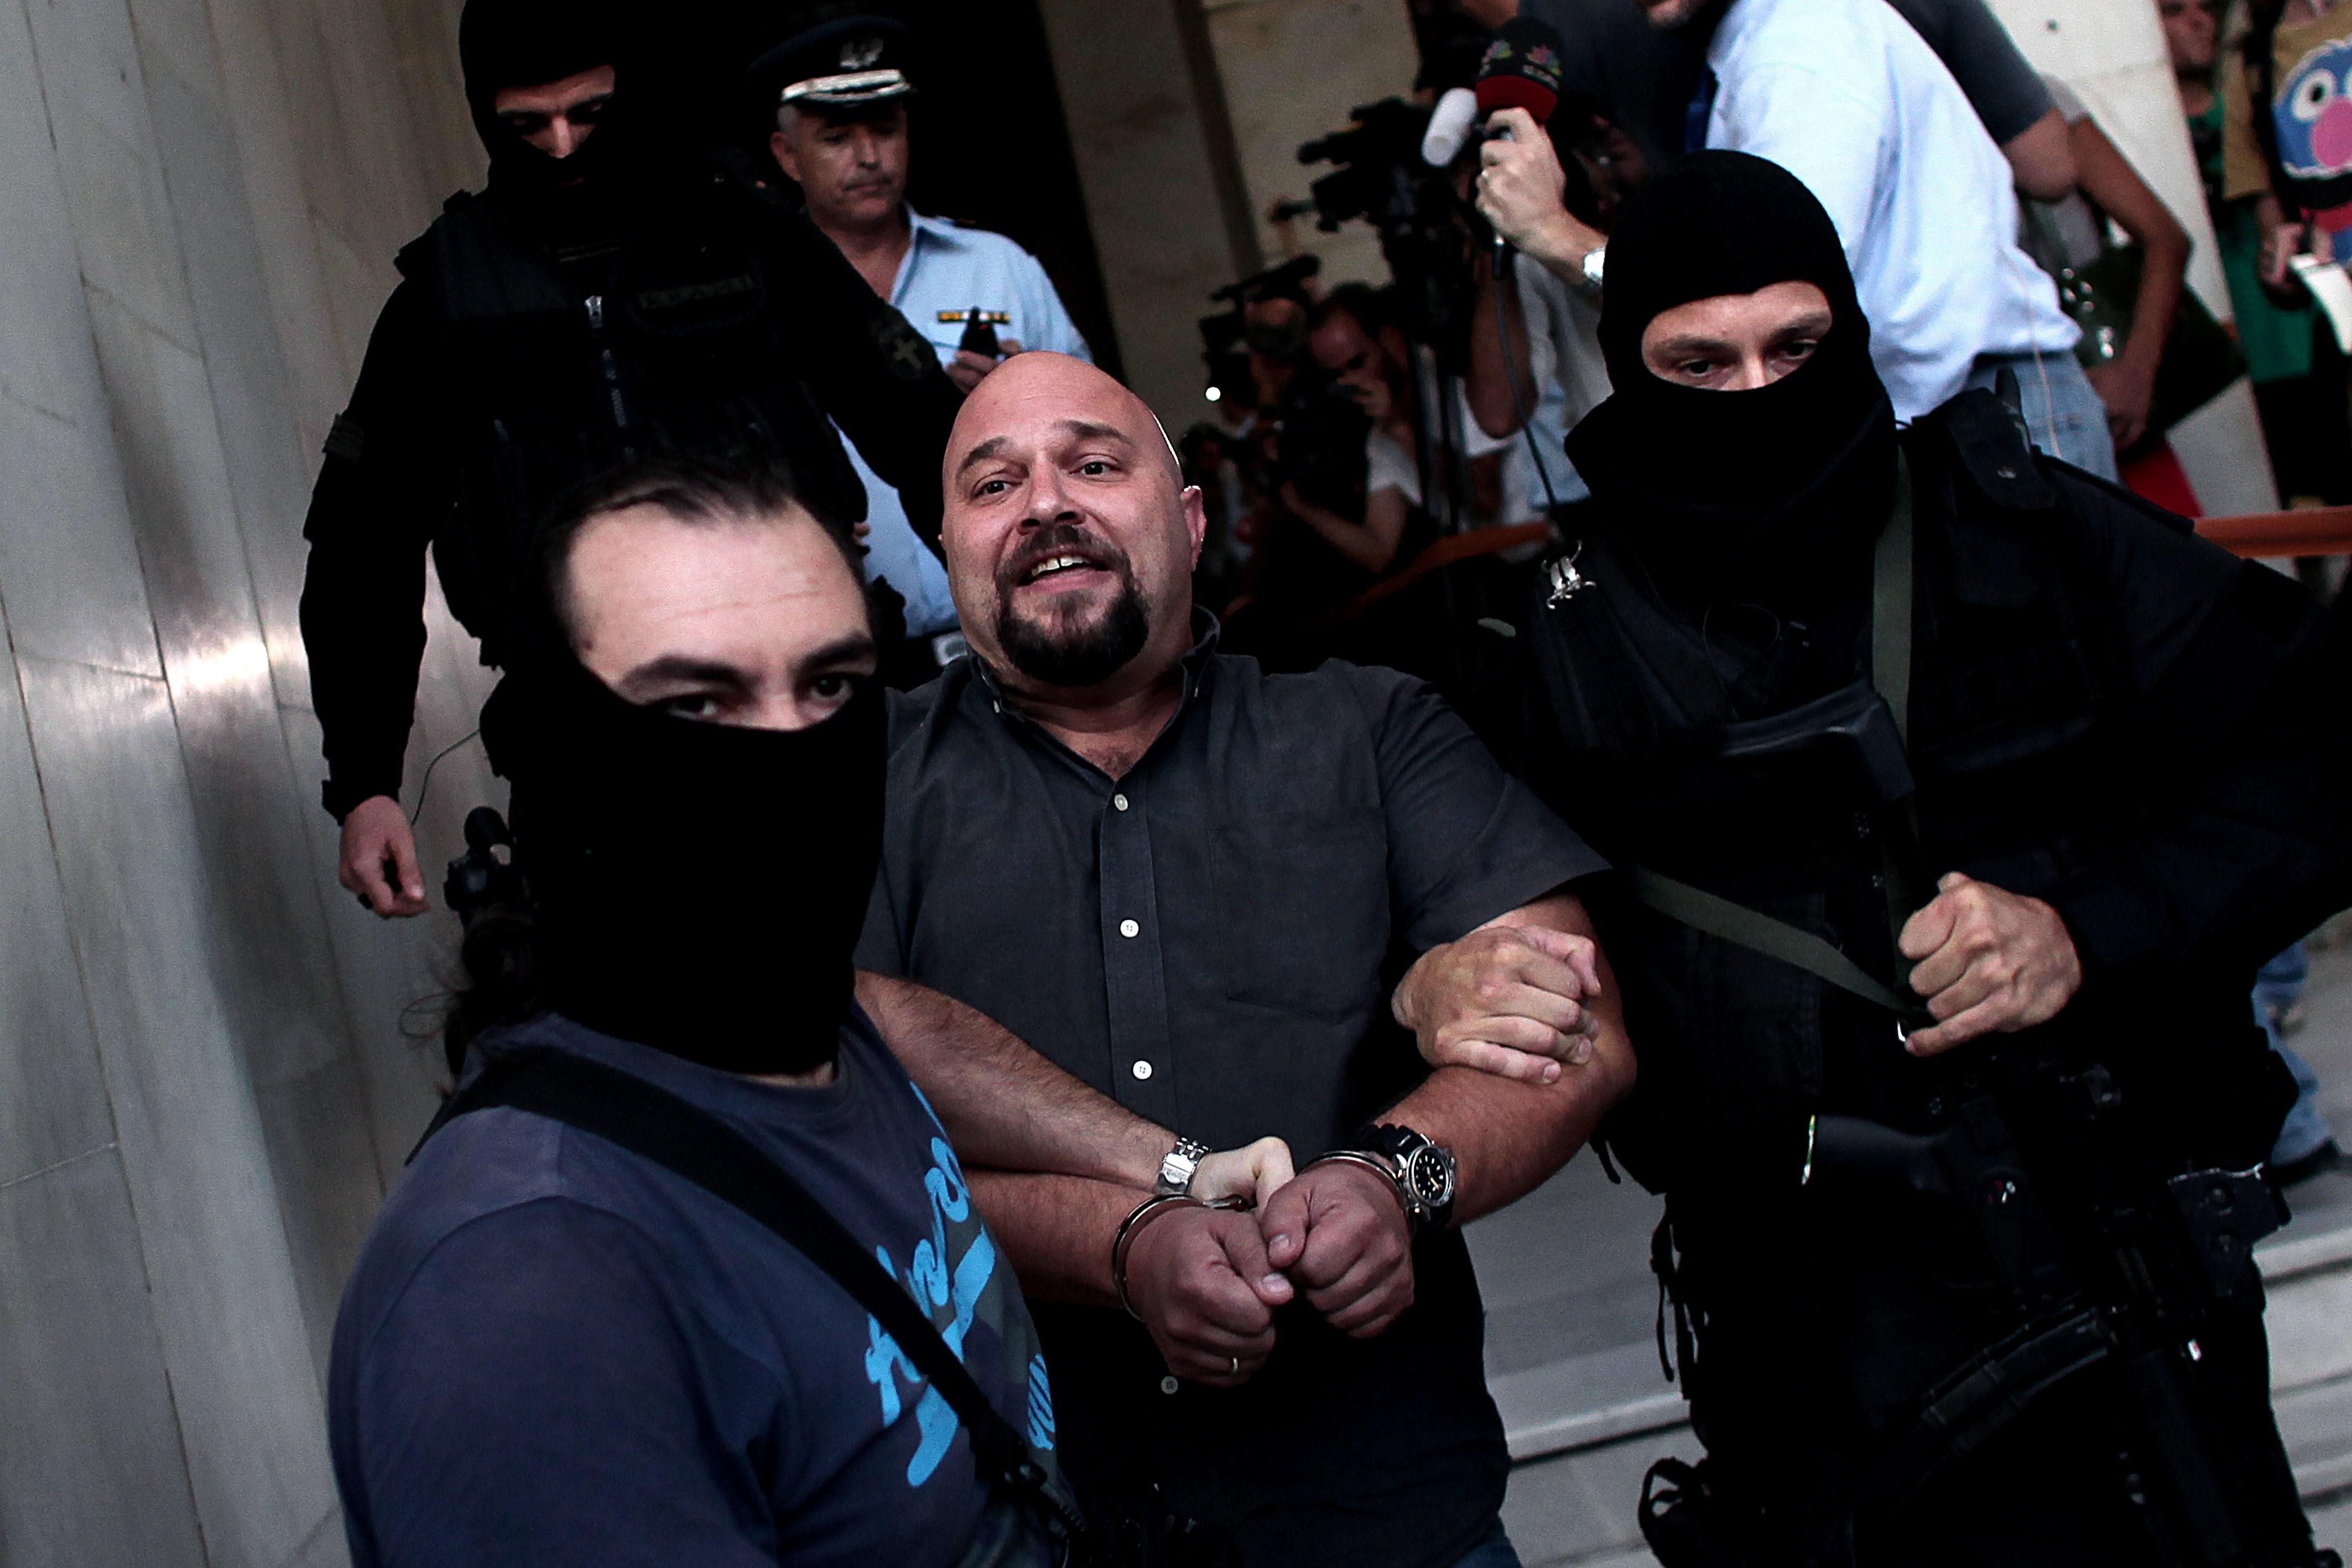 Liderii neo-nazisti greci, arestati dupa un val de violente ce au culminat cu uciderea unui rapper